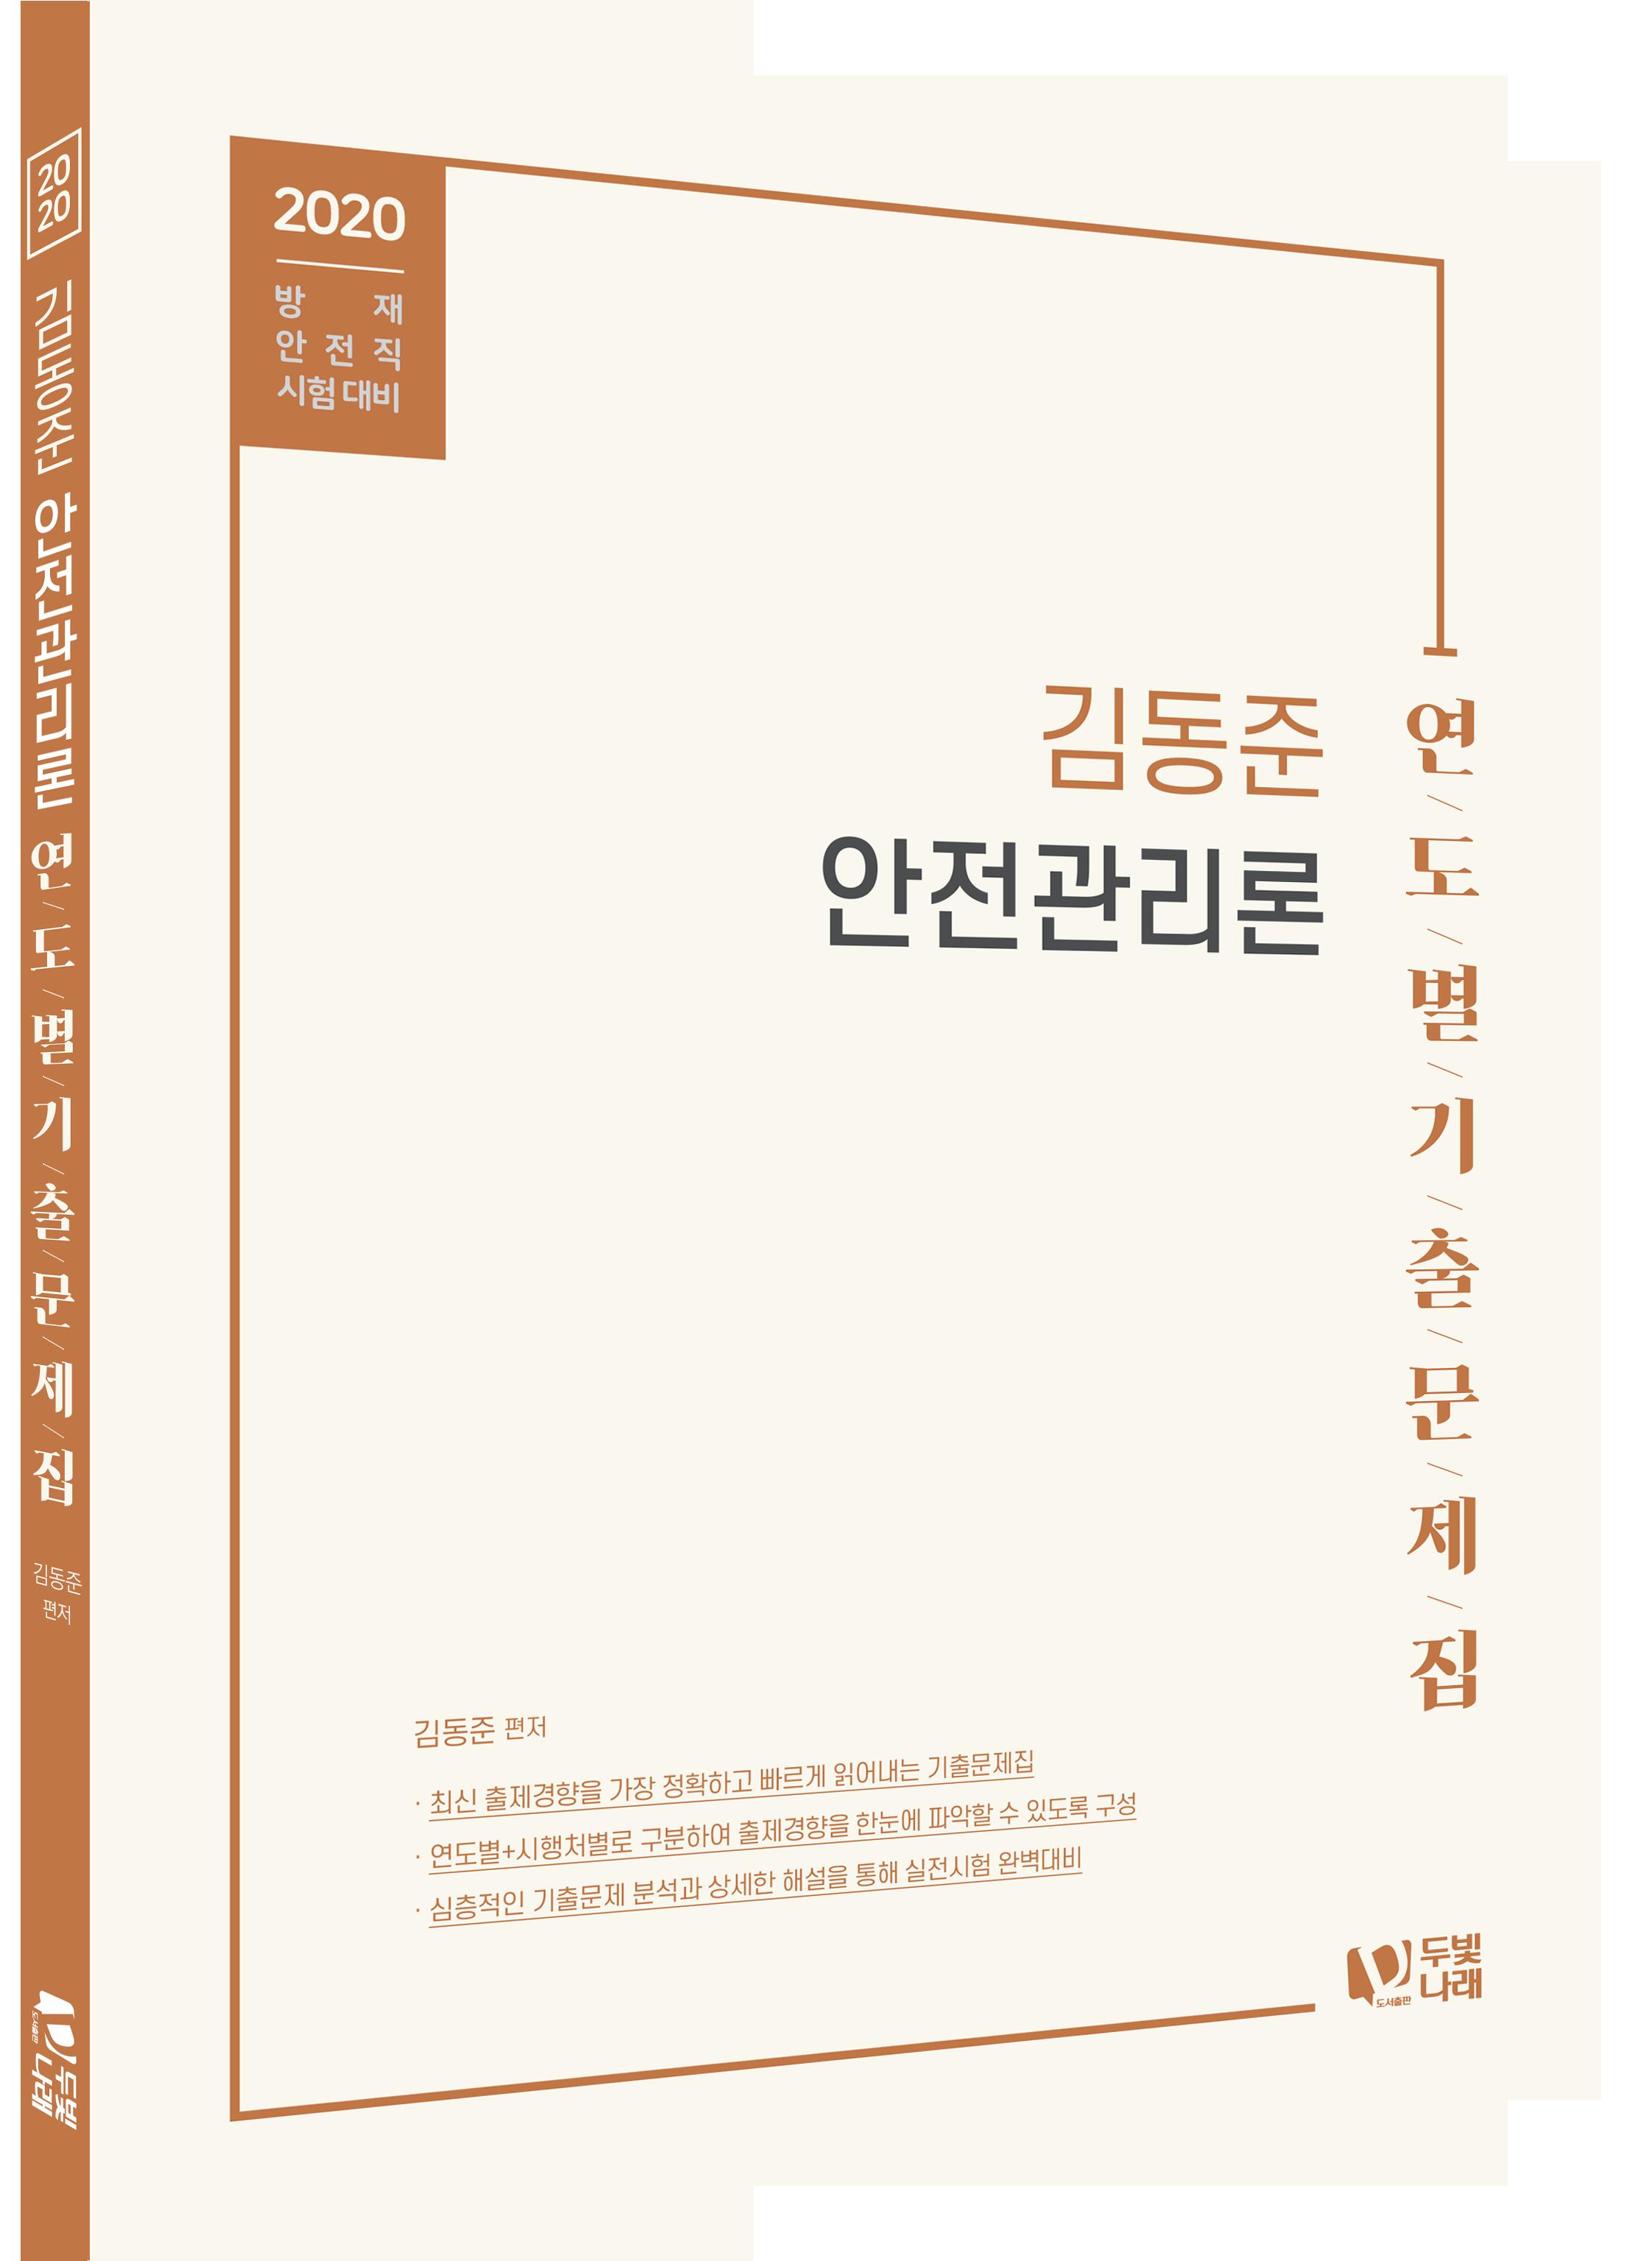 2020 김동준 안전관리론 연도별 기출문제집